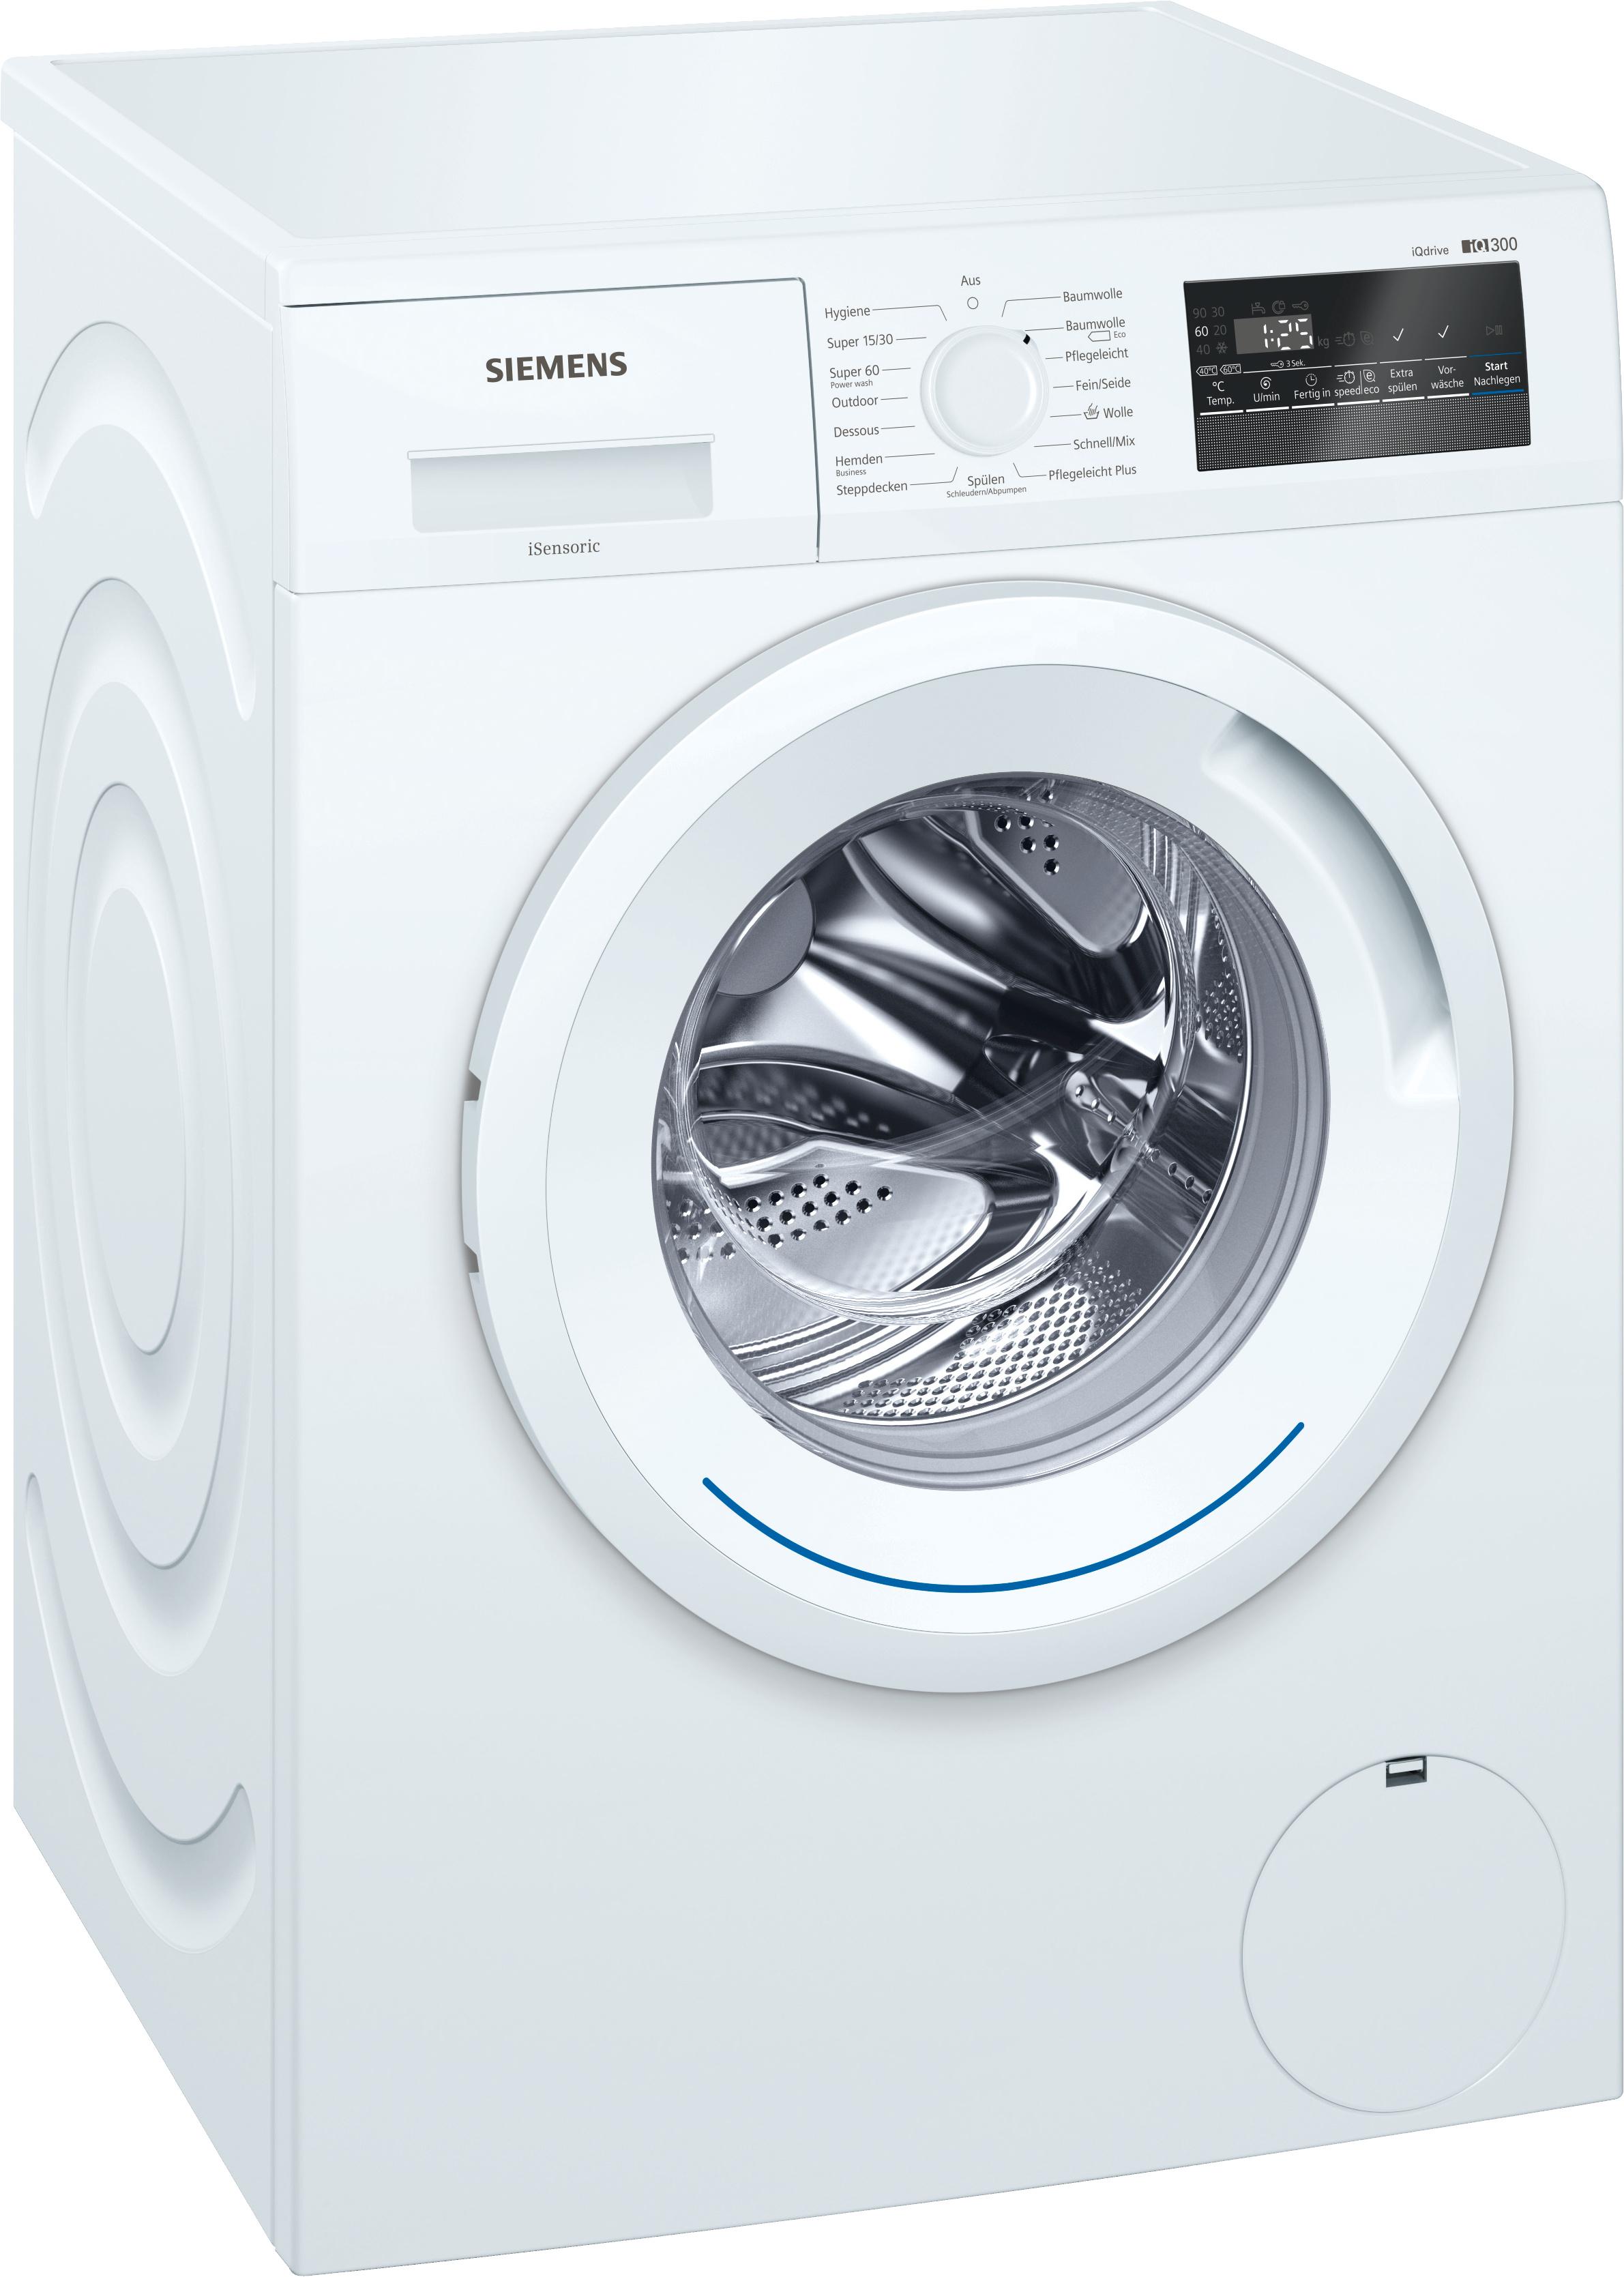 [Metro] Siemens Waschmaschine WM14N2M1 weiß 7kg A+++